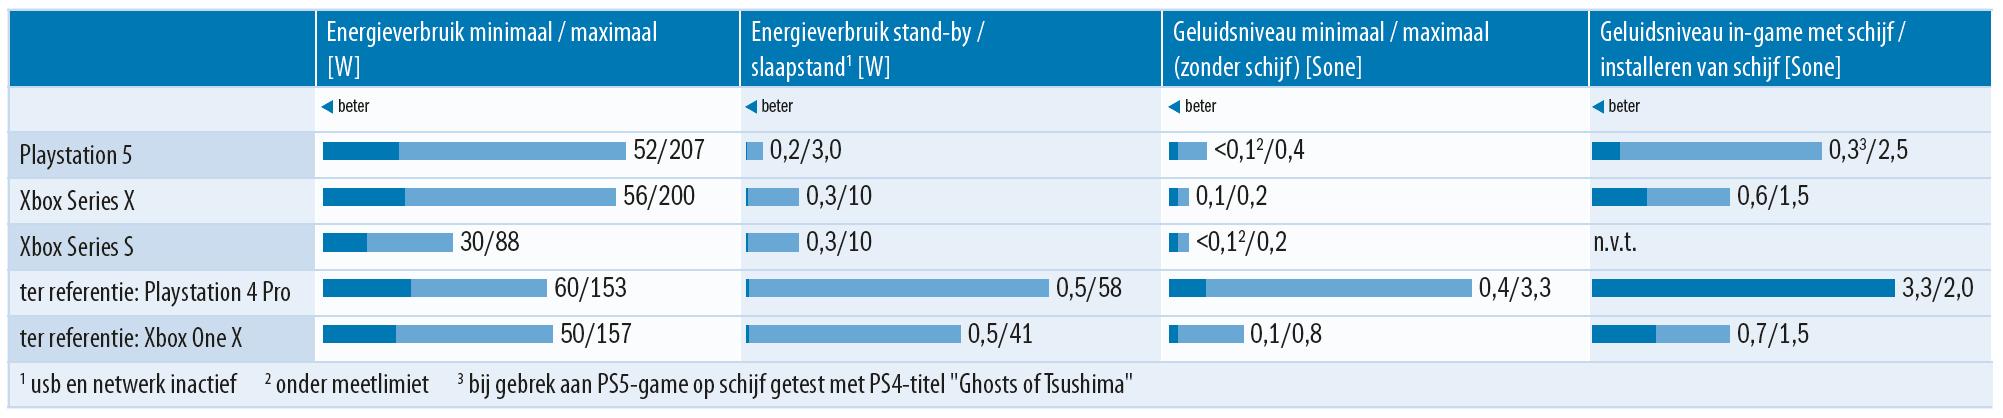 PS5, Xbox X en S energieverbruik en geluidsniveau